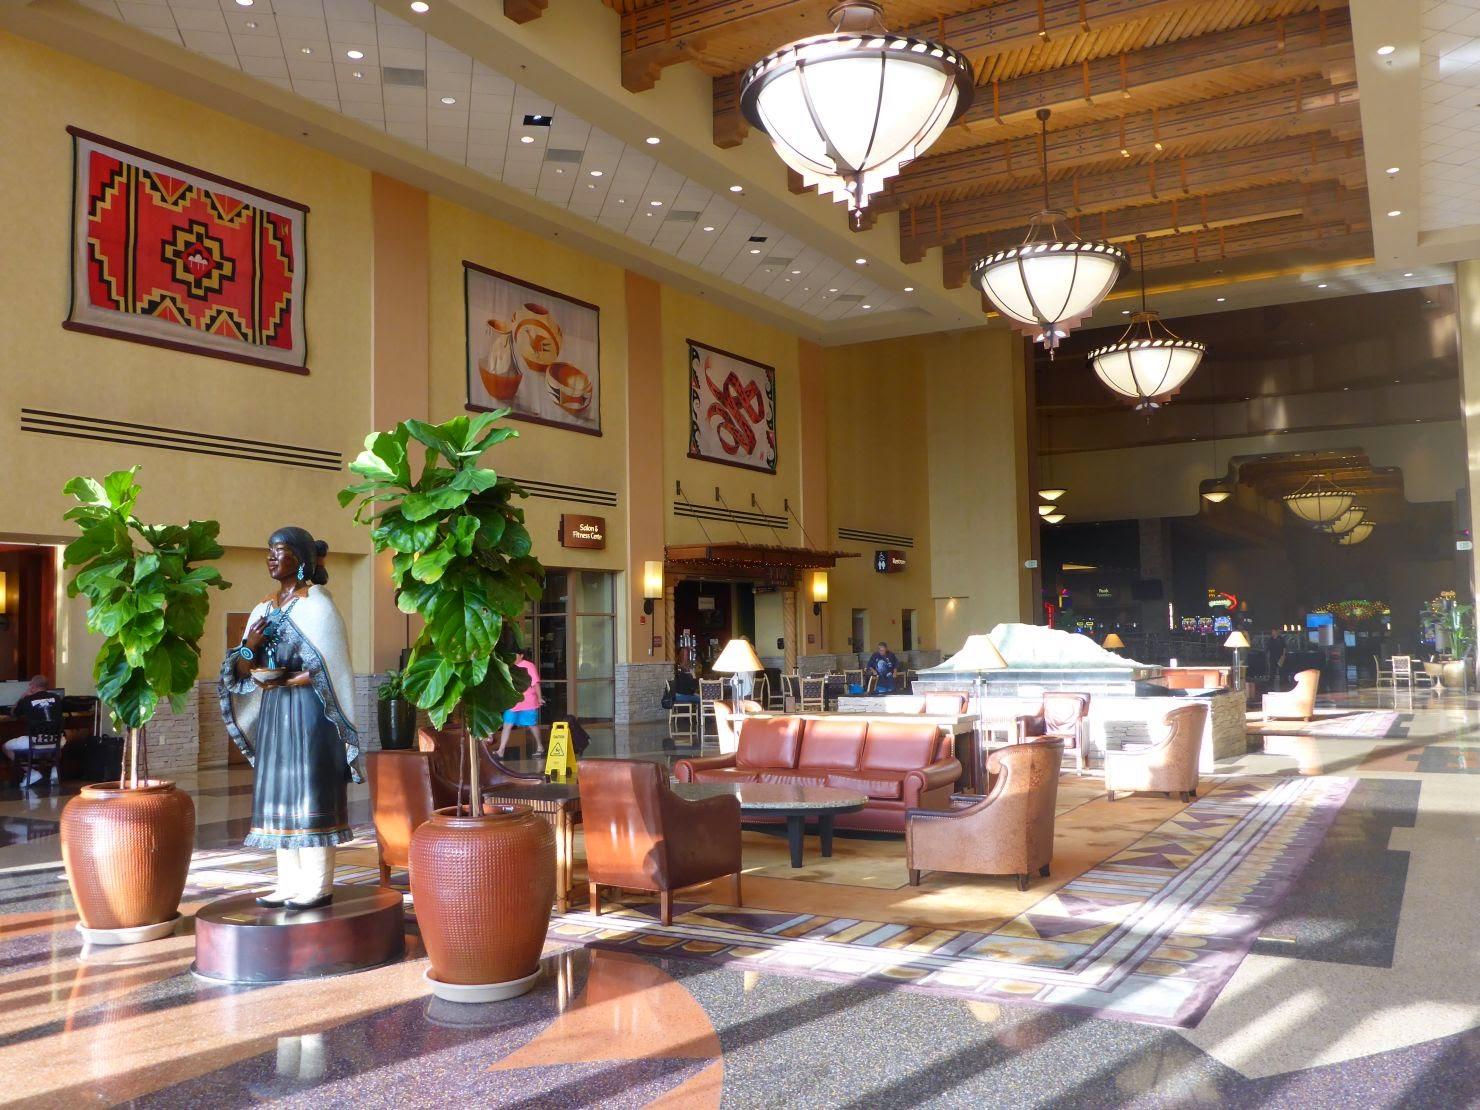 Sandia casino hours